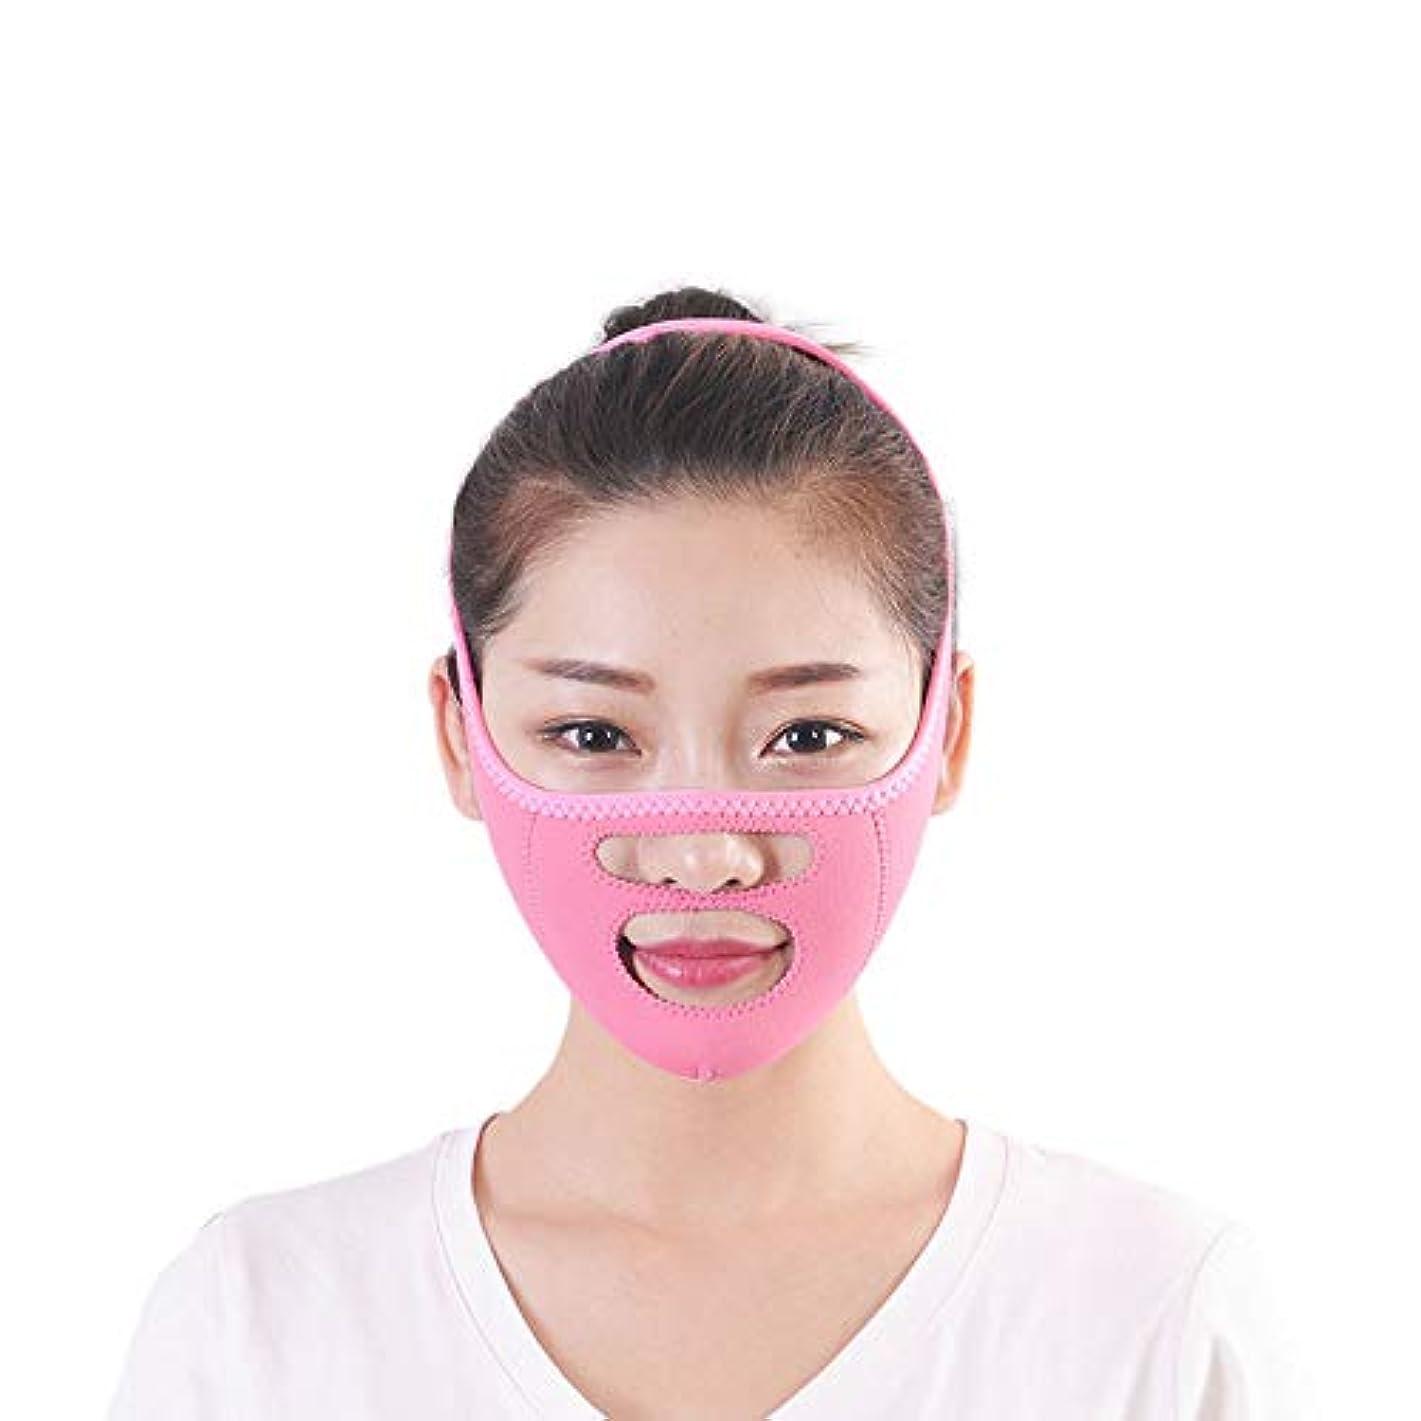 くさび眉をひそめるせがむ二重あごの顔の減量の緩和を改善するためのフェイスリフティングアーチファクトマスク、ビームフェイス包帯/小型Vフェイスリフティングタイト補正,Blue